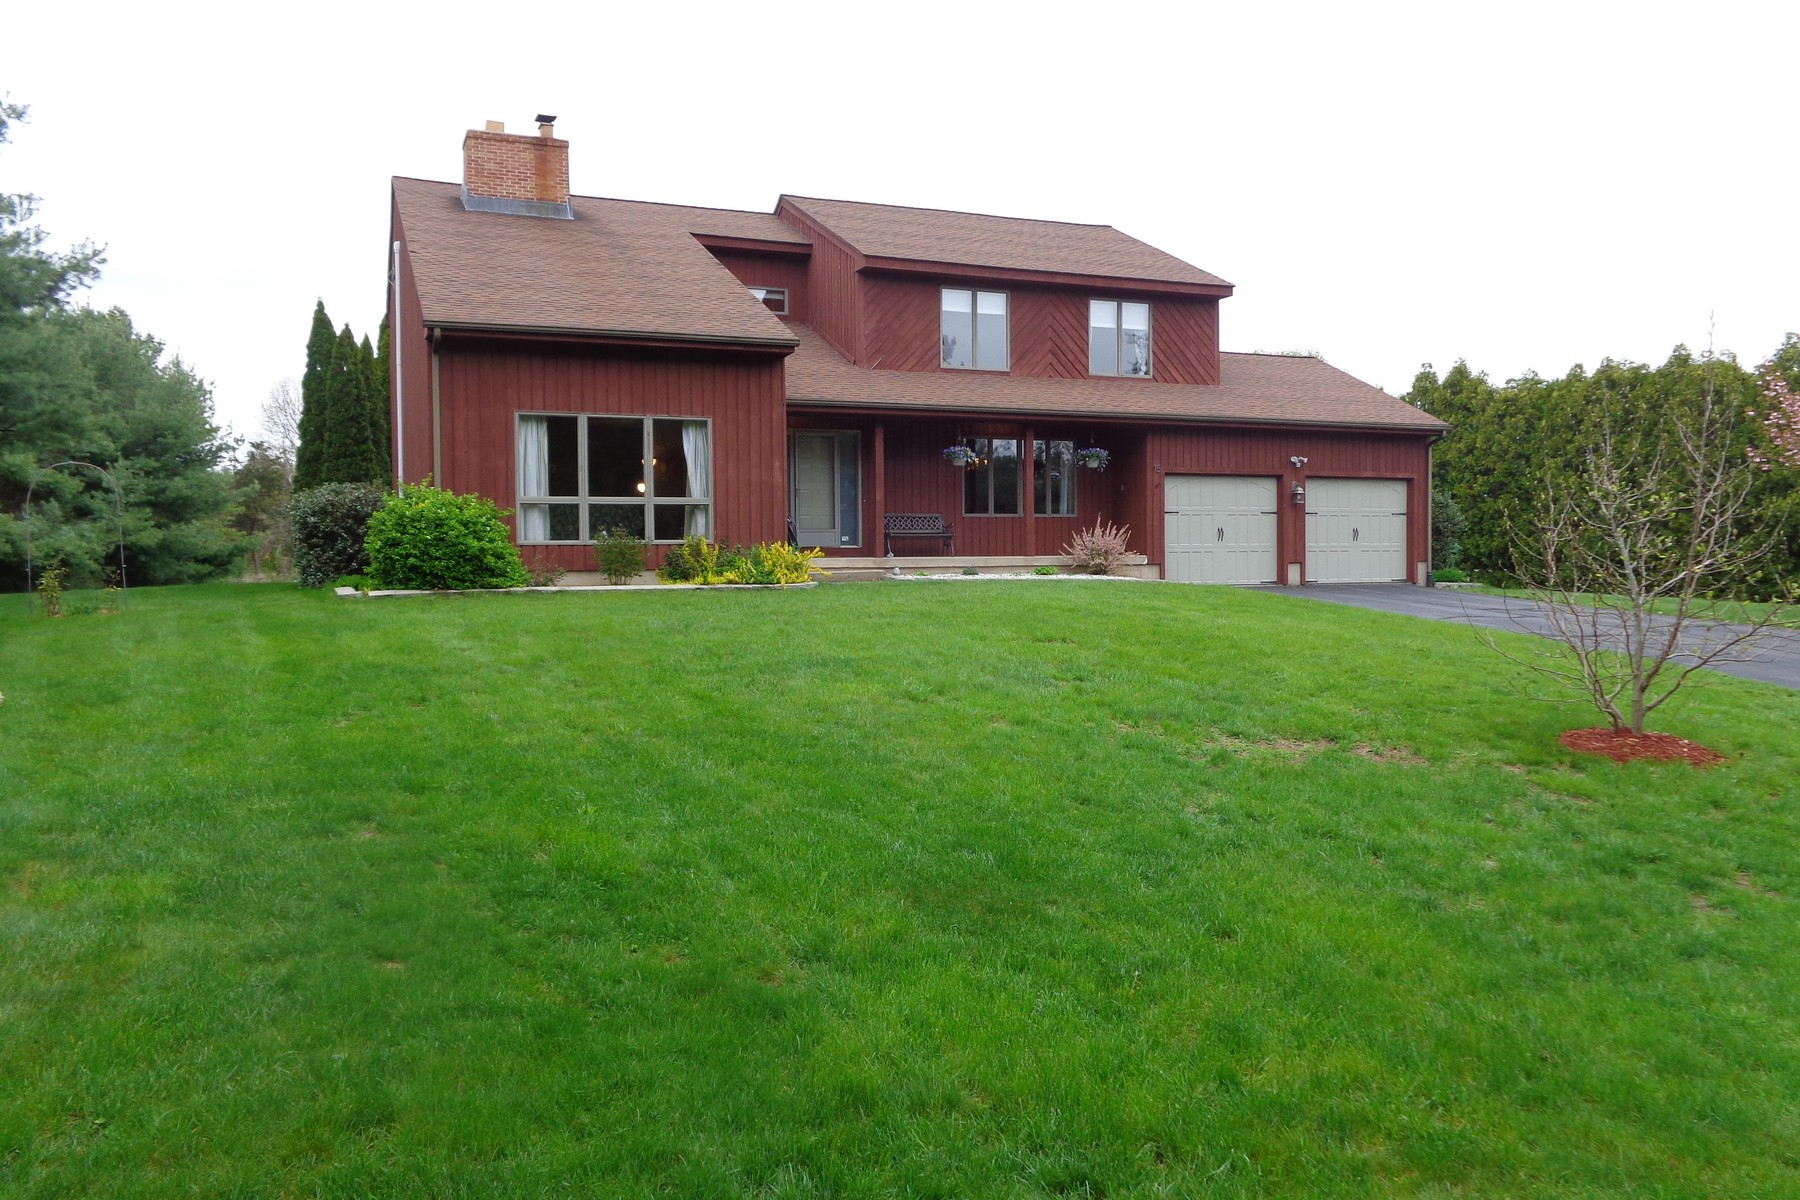 独户住宅 为 销售 在 Lovely Contemporary Home 15 Harris Rd Avon, 康涅狄格州, 06001 美国